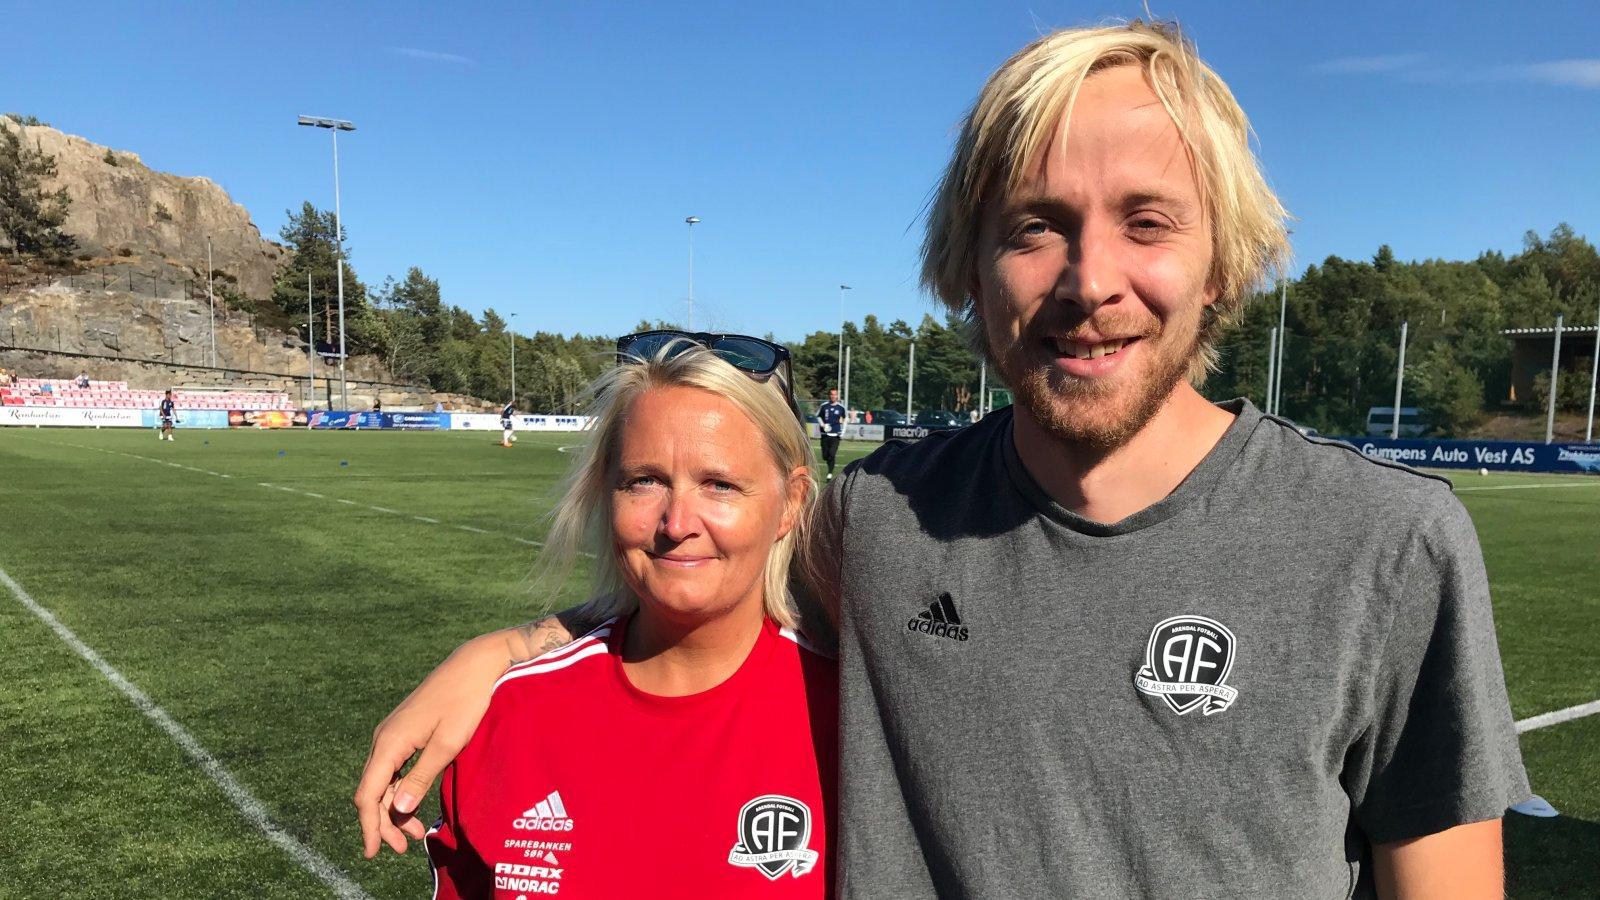 Beate Mathisen overtar Thomas Selands arbeidsoppgaver i Arendal Fotball når han nå skal fullføre sin fagutdanning.